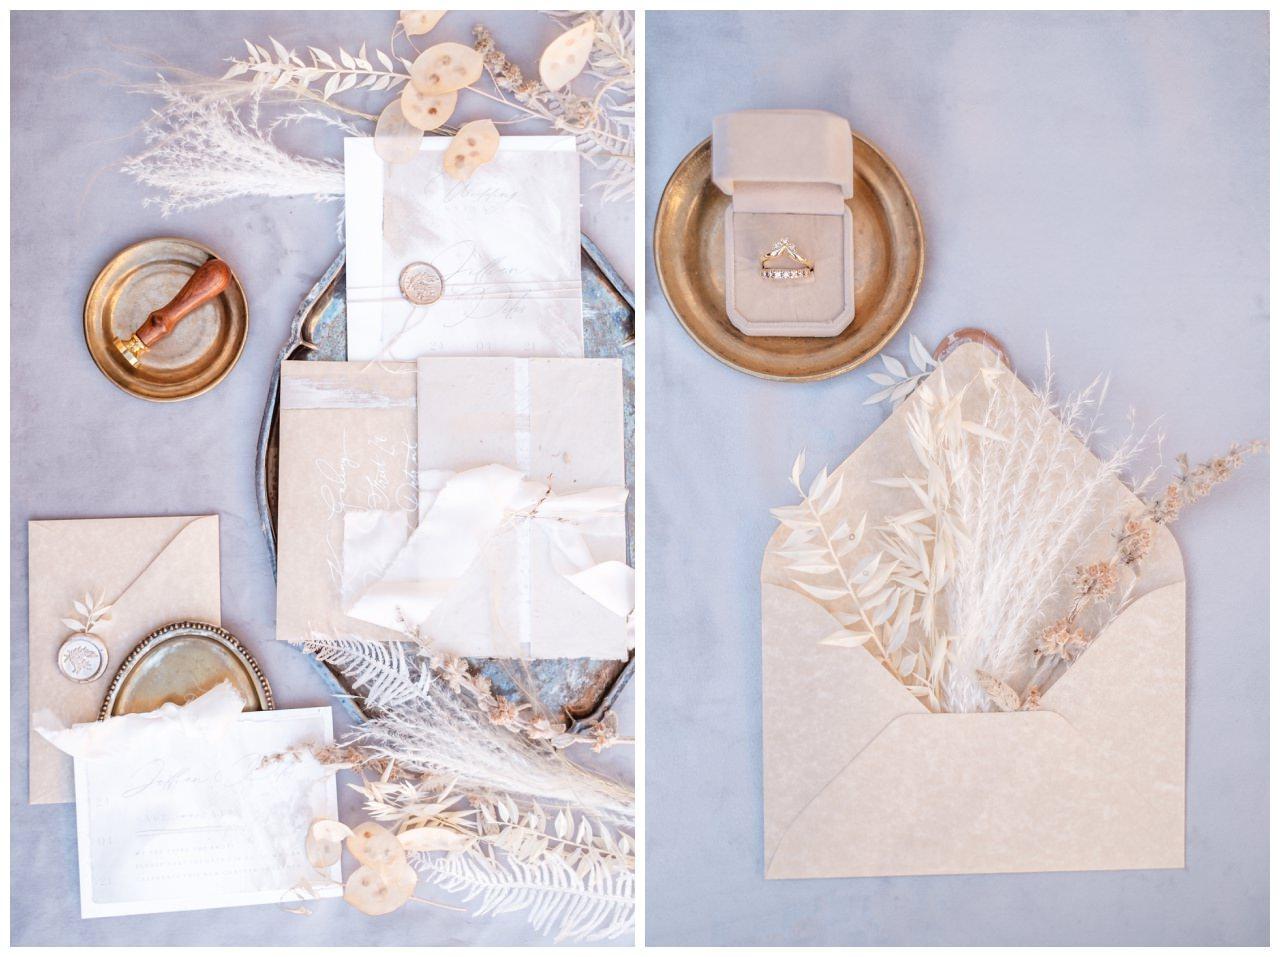 Hochzeitspapeterie Einladungskarte Einladung Hochzeit Flatlay Fotograf 13 - Eure Einladung als Flatlay inszeniert